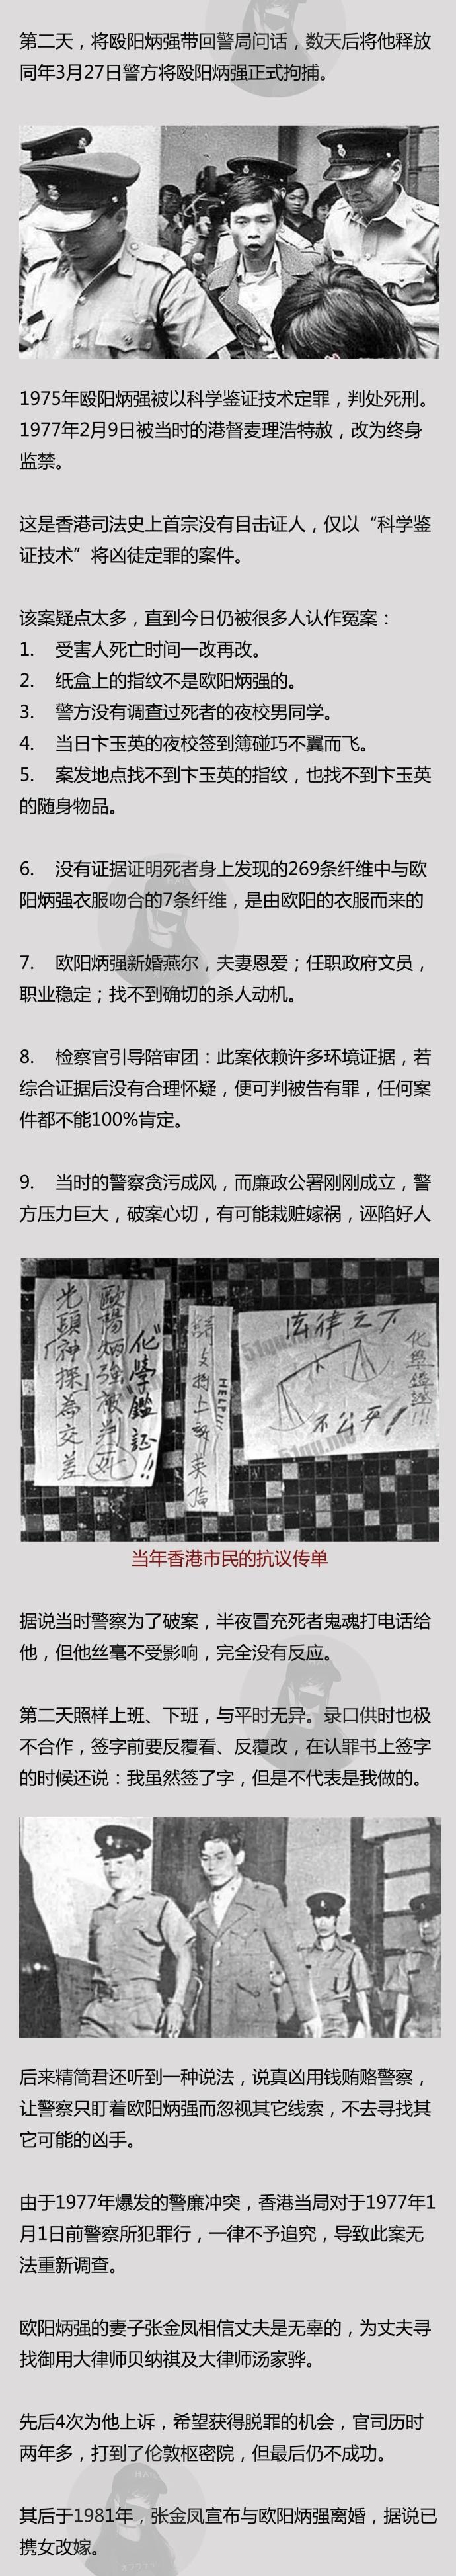 香港跑马地纸盒藏尸案真相豆瓣,凶手欧阳炳强被冤枉的吗认罪真相